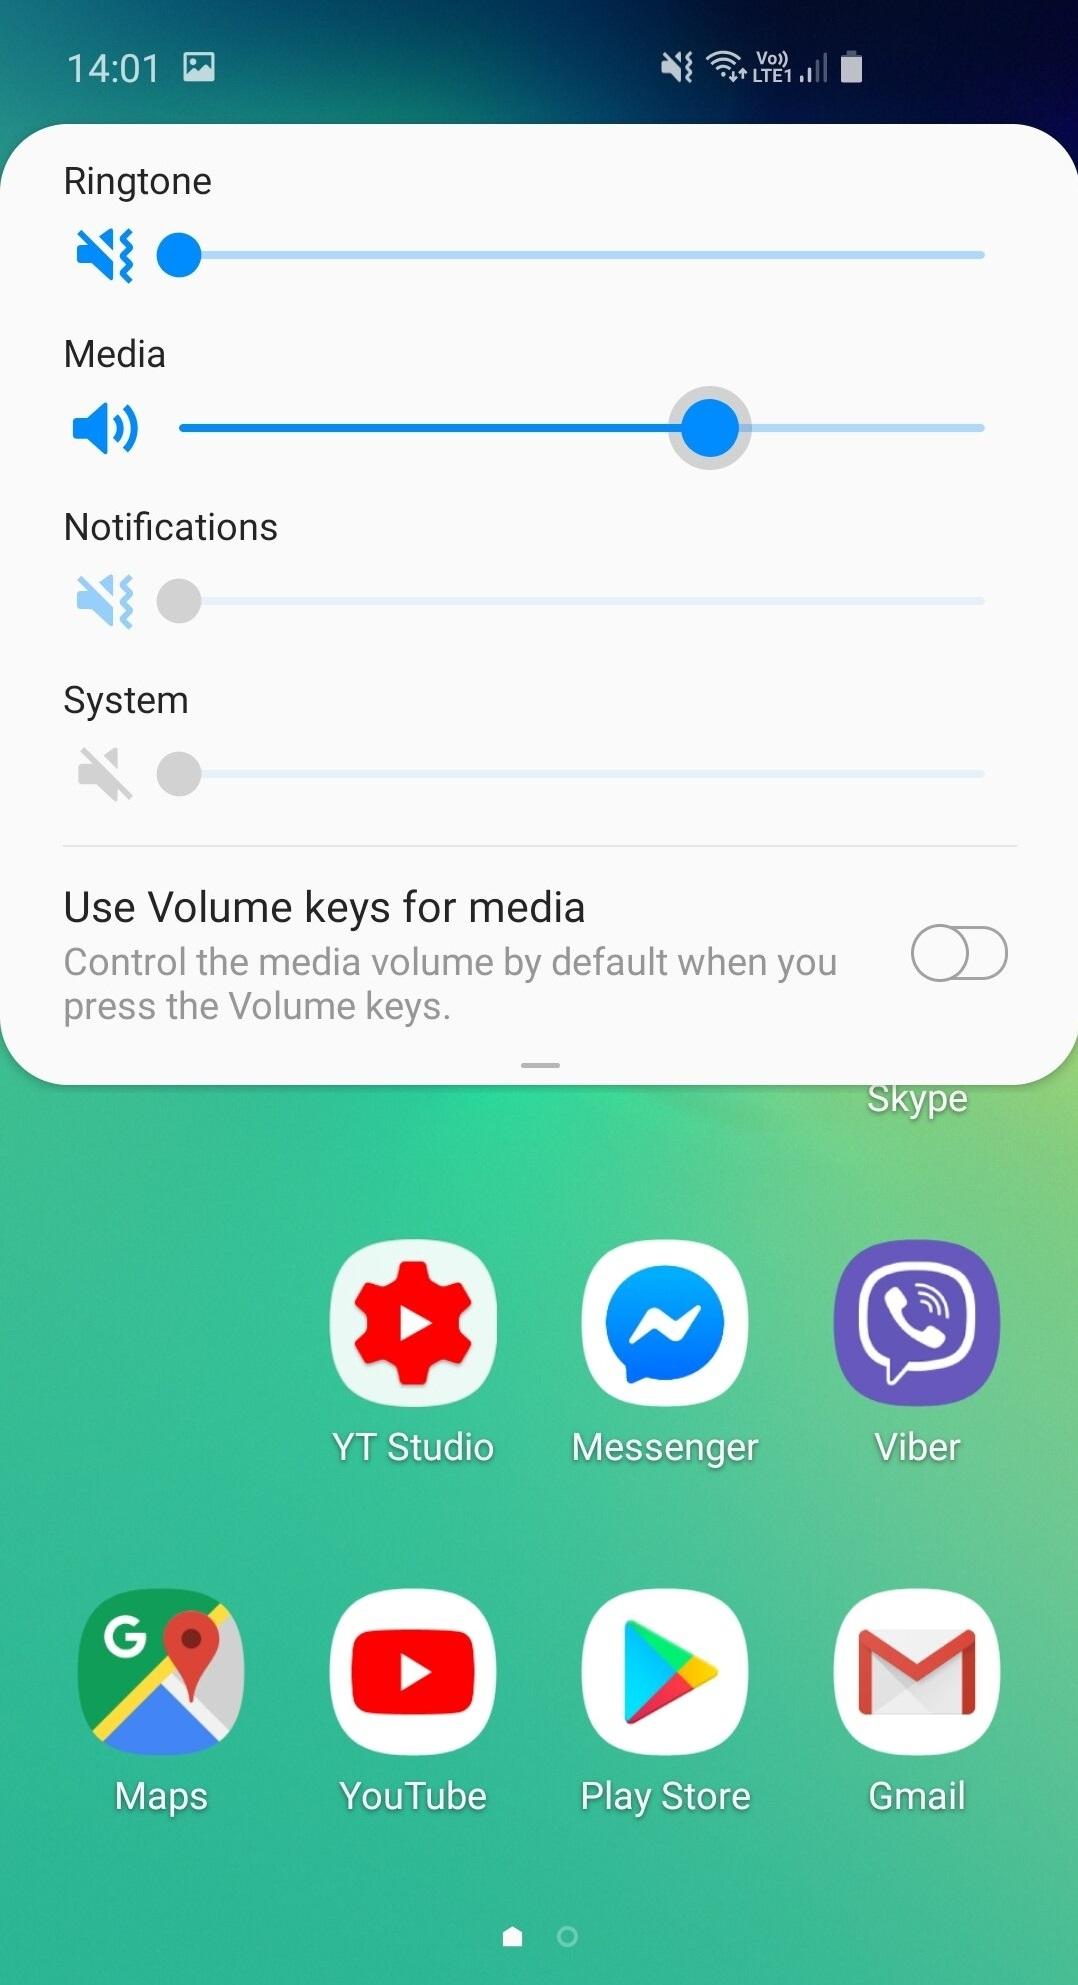 تعرف على خصائص واجهة مستخدم One UI 2.0 بنظام تشغيل اندرويد 10 على هواتف Samsung